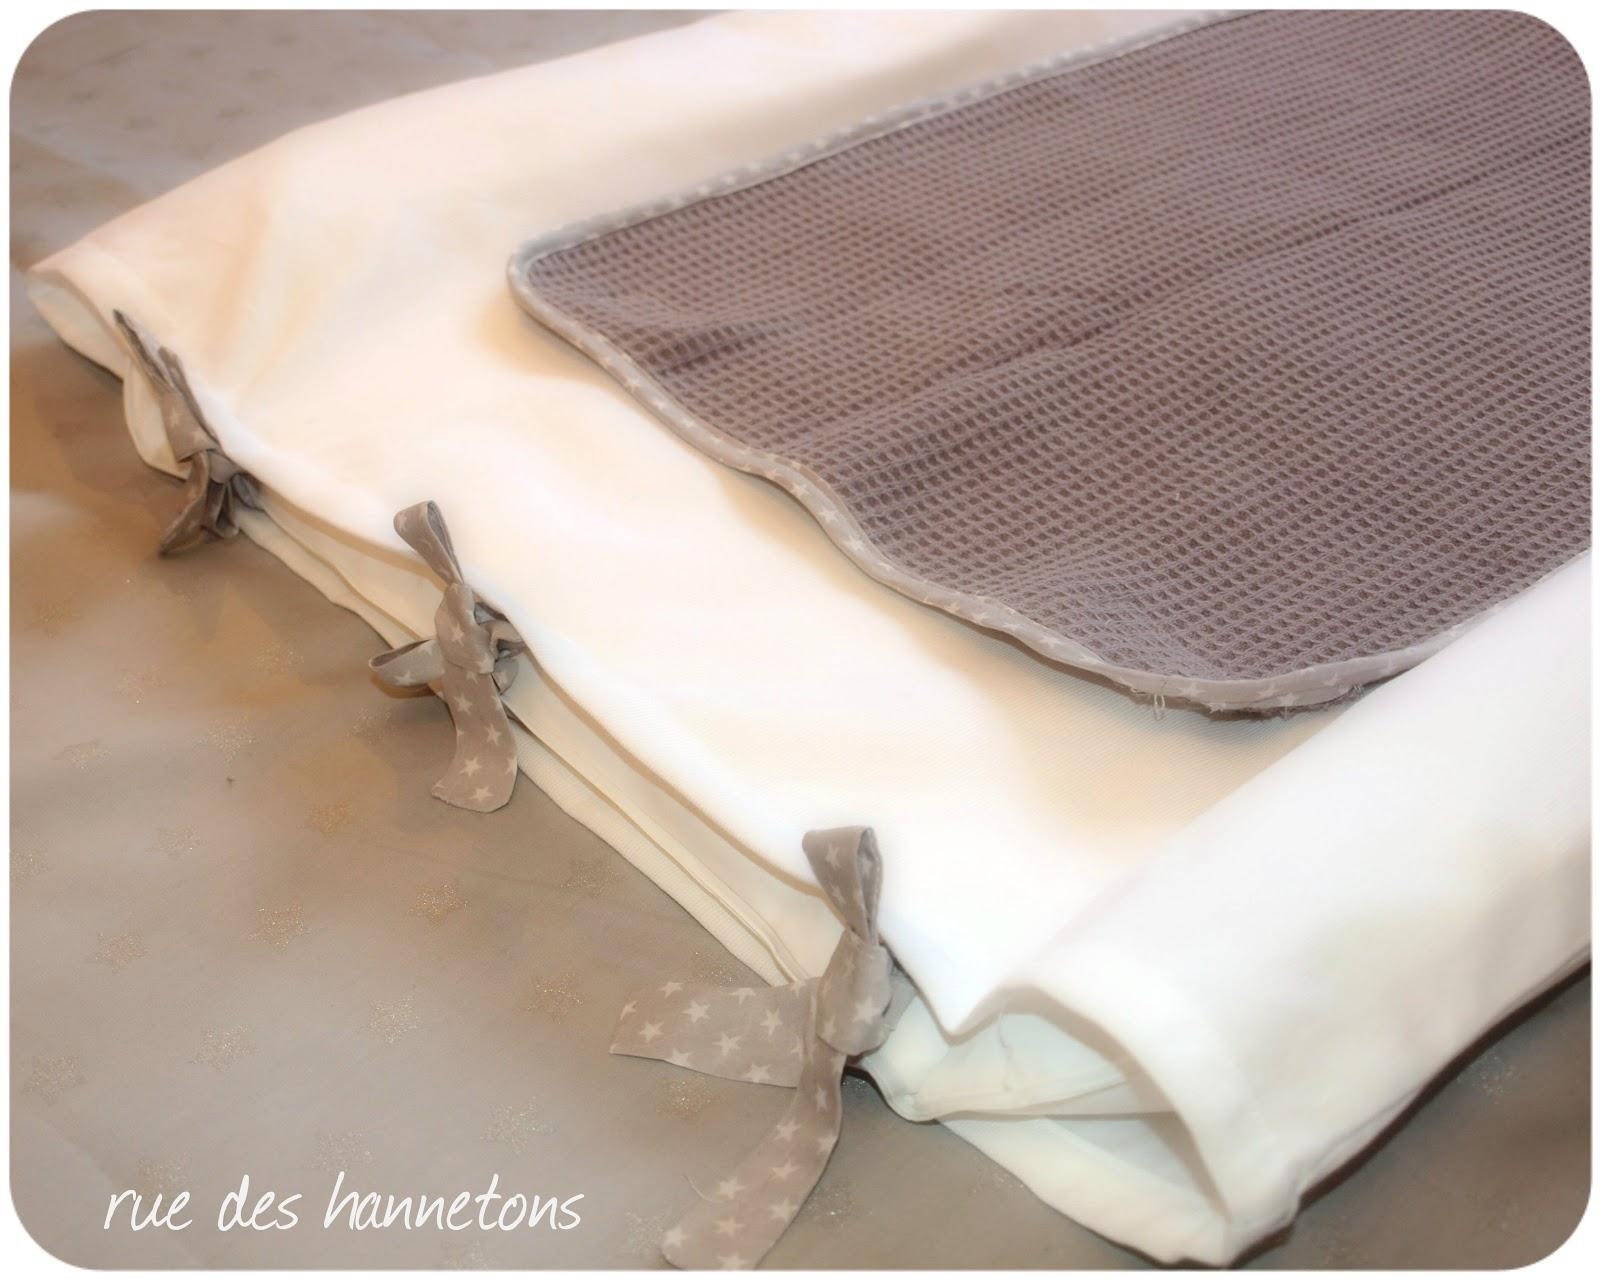 rue des hannetons janvier 2013. Black Bedroom Furniture Sets. Home Design Ideas